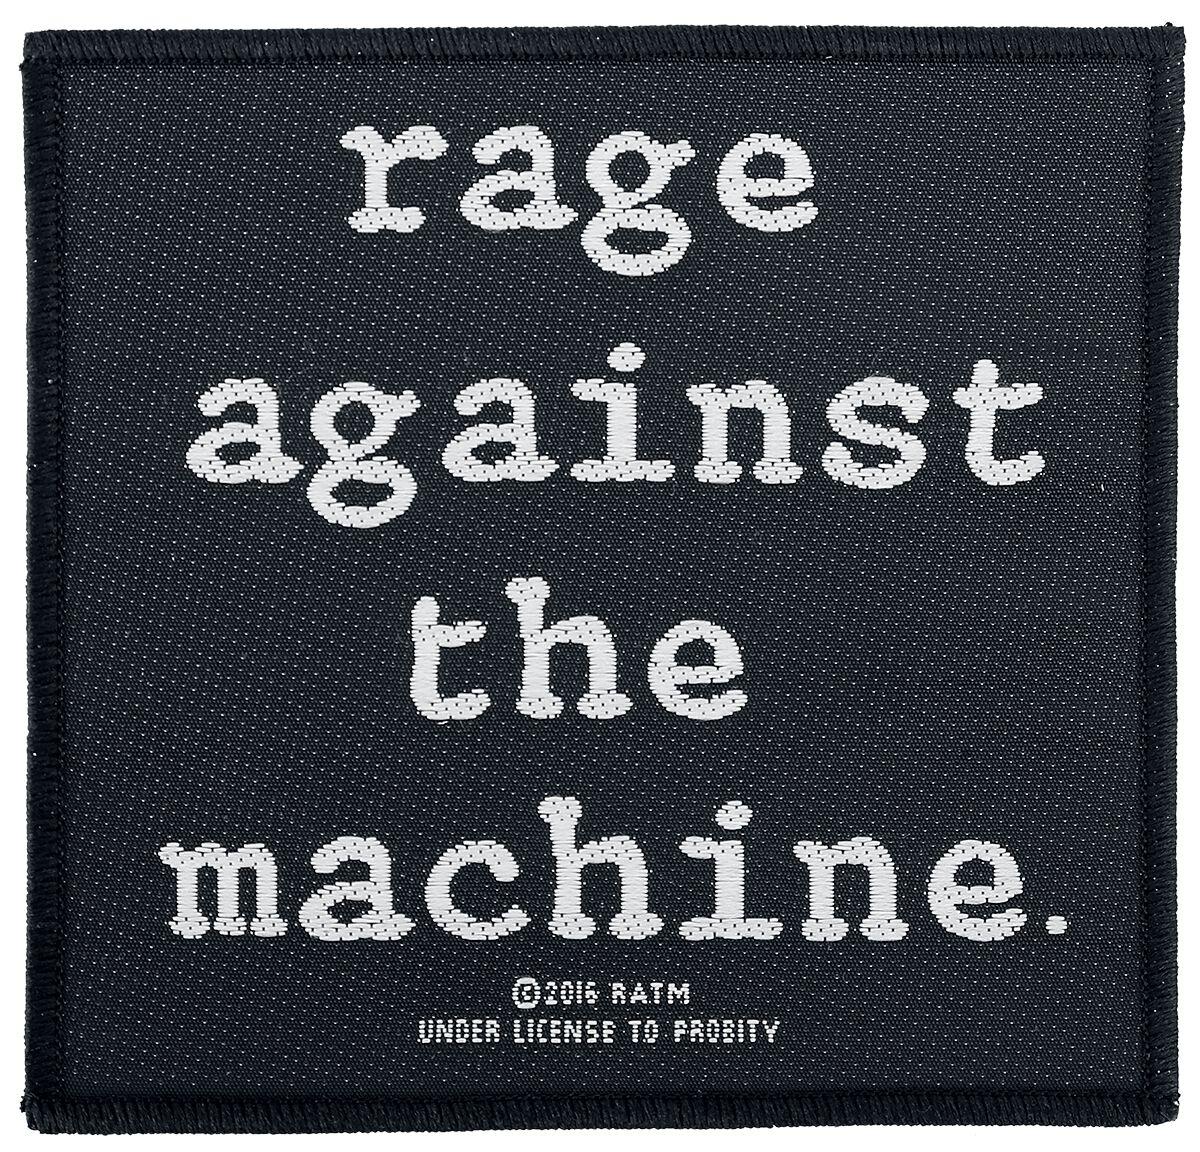 Zespoły - Naszywki - Naszywka Rage Against The Machine Logo Naszywka standard - 334175